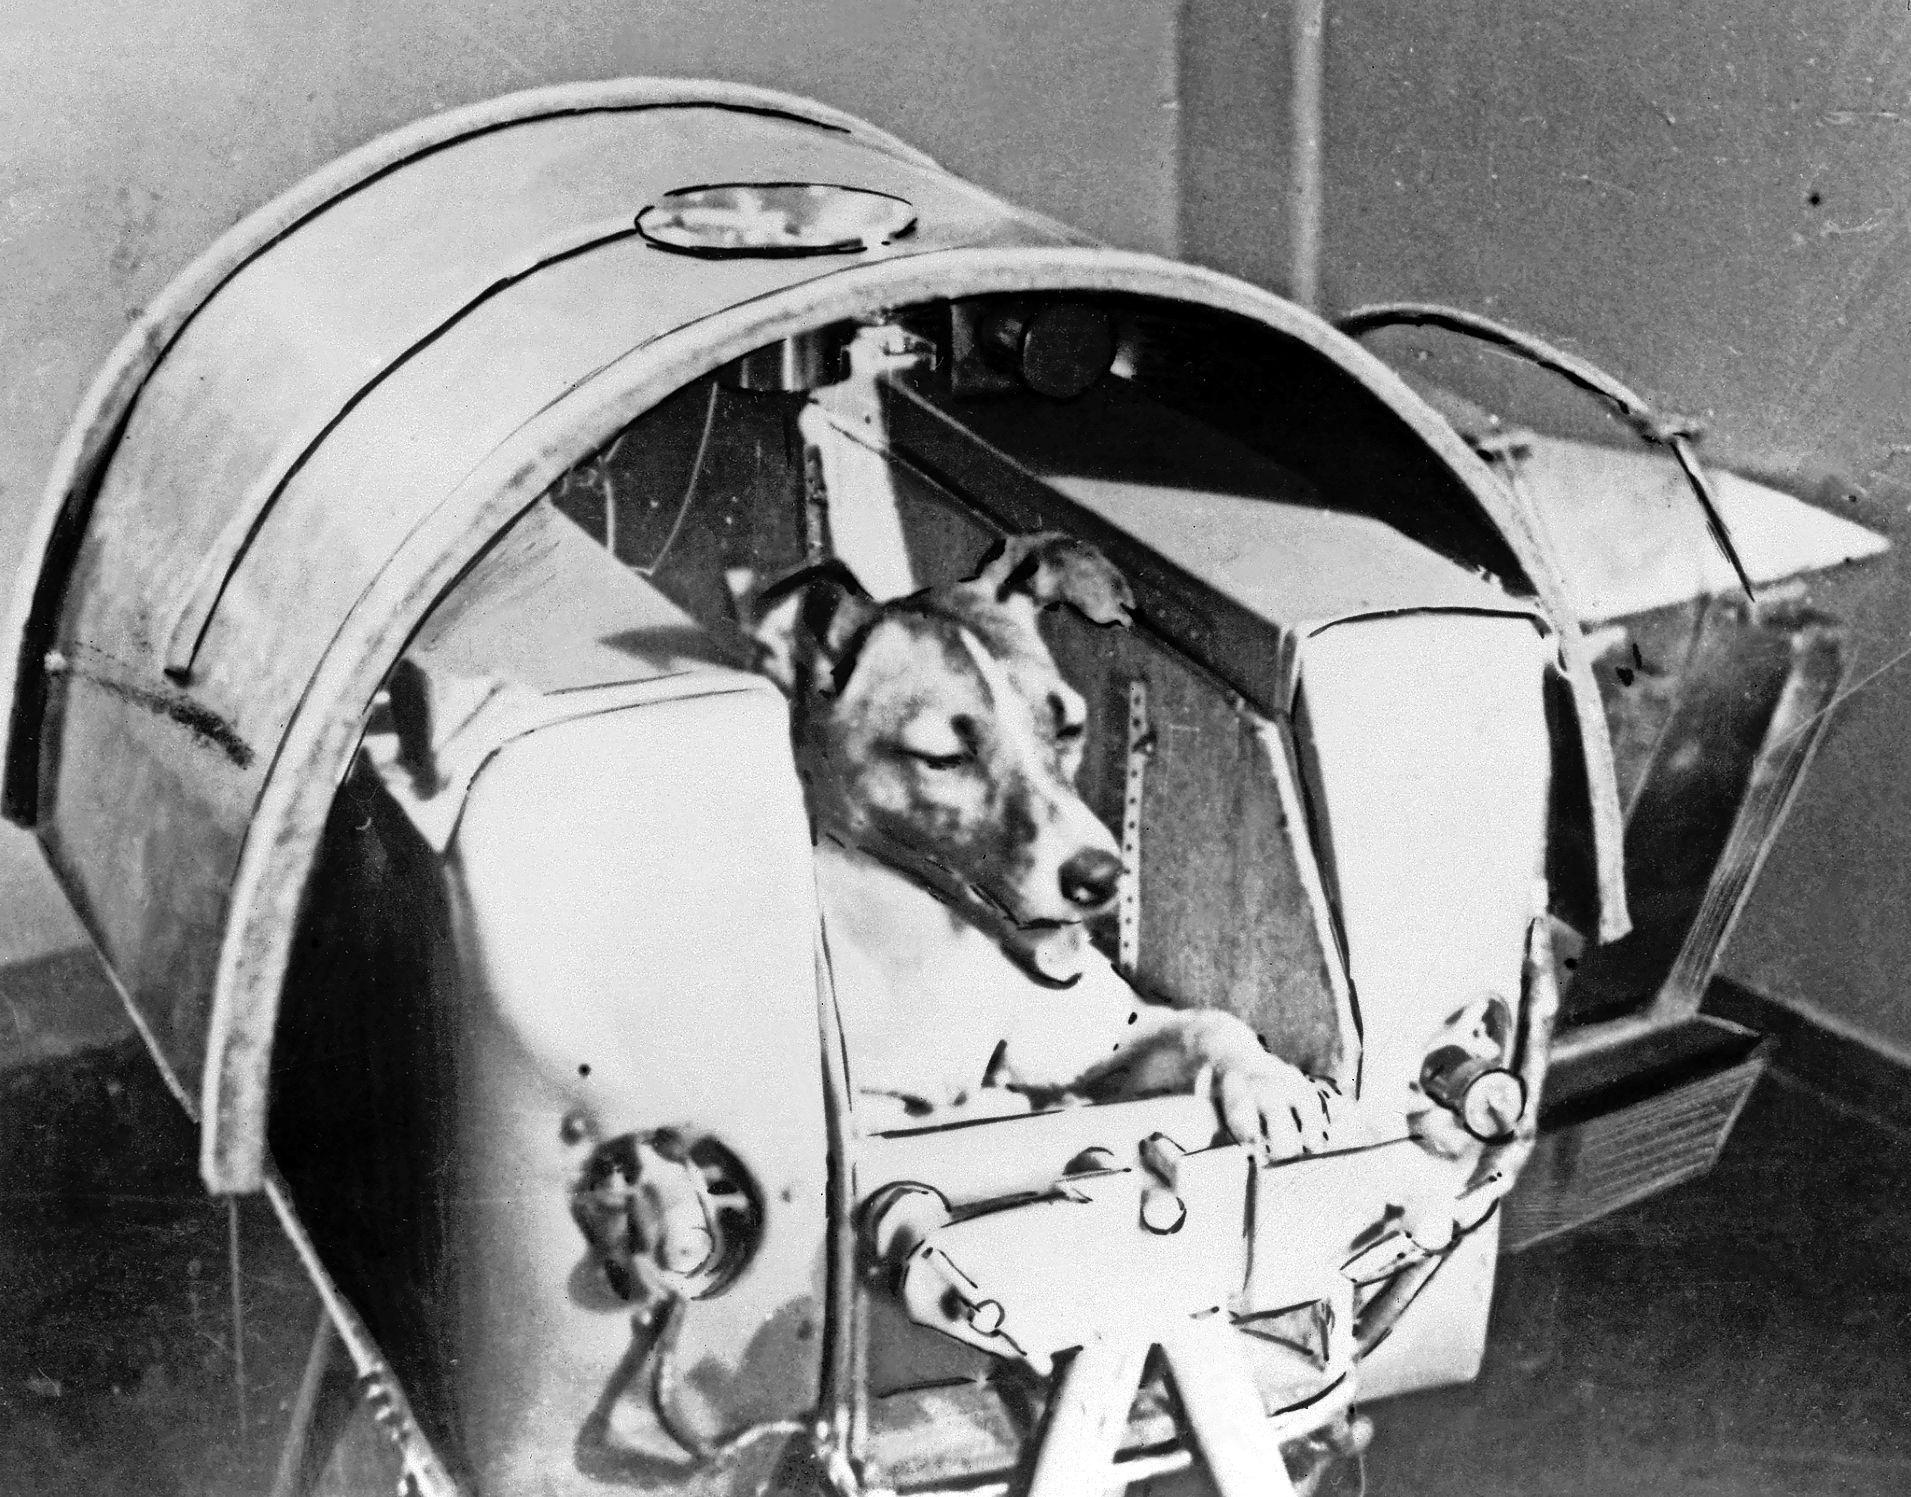 Zestig jaar mensen in de ruimte: 'We zien nu eigenlijk weer hetzelfde als toen, maar dan tussen de VS en China'